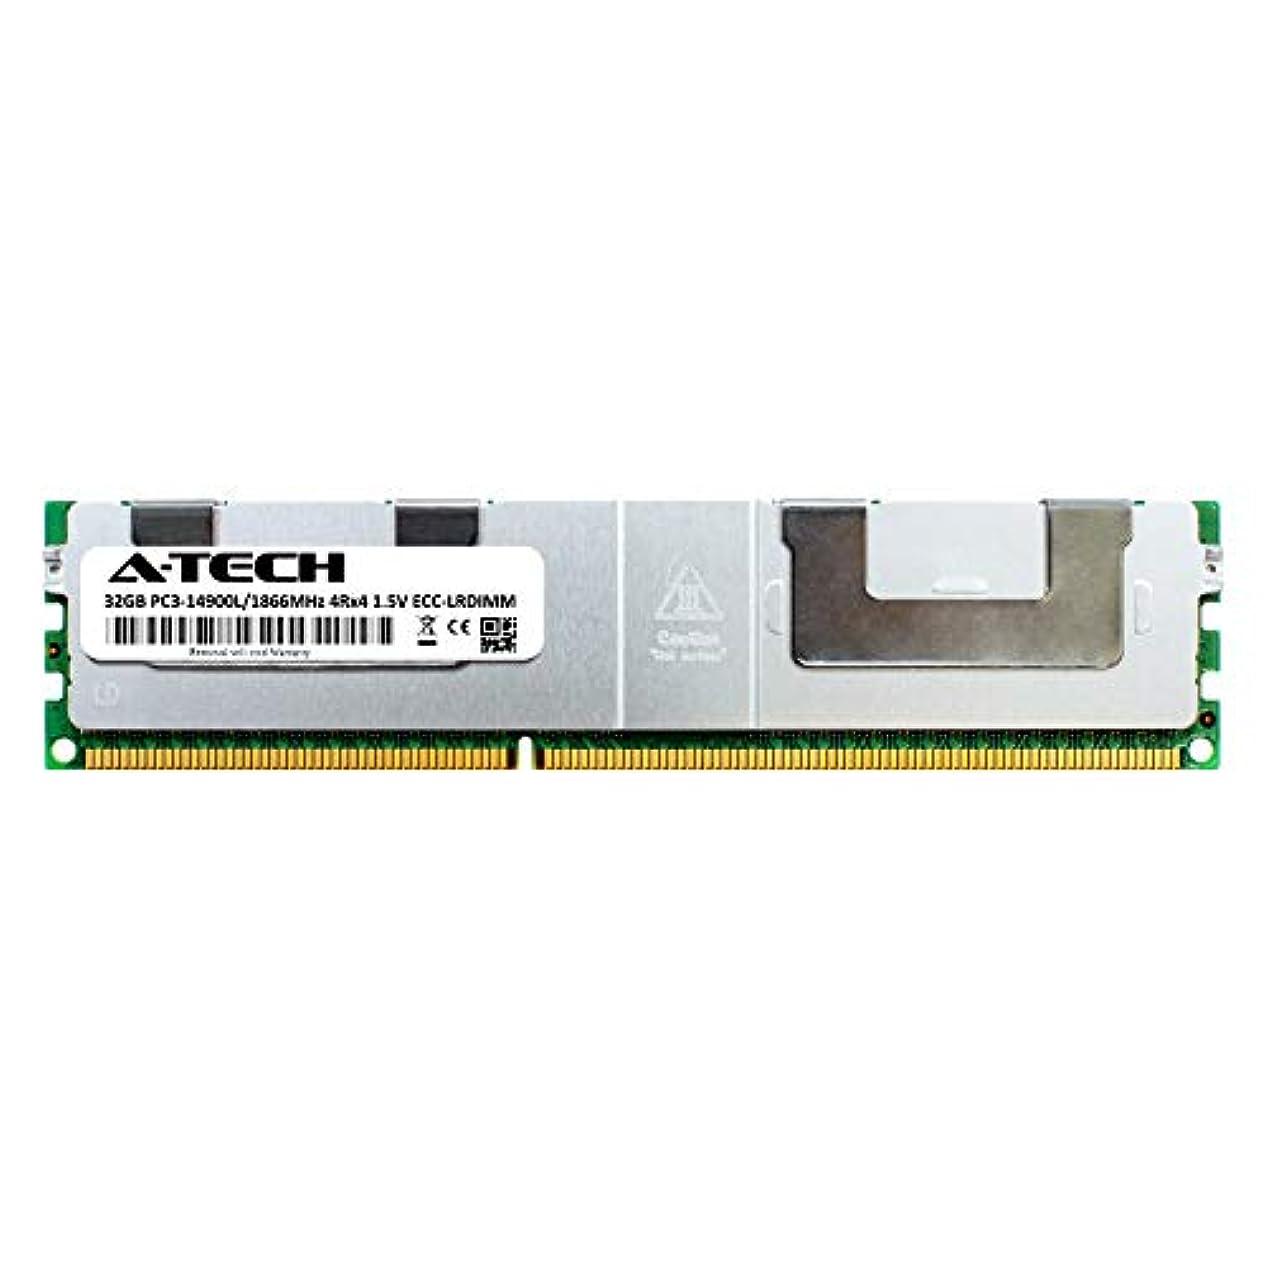 くびれた告発手錠A-Tech 32GB モジュール SuperMicro X9SRA DDR3 ECC 負荷軽減 LR DIMM PC3-14900 1866Mhz 4rx4 1.5v サーバー メモリ RAM